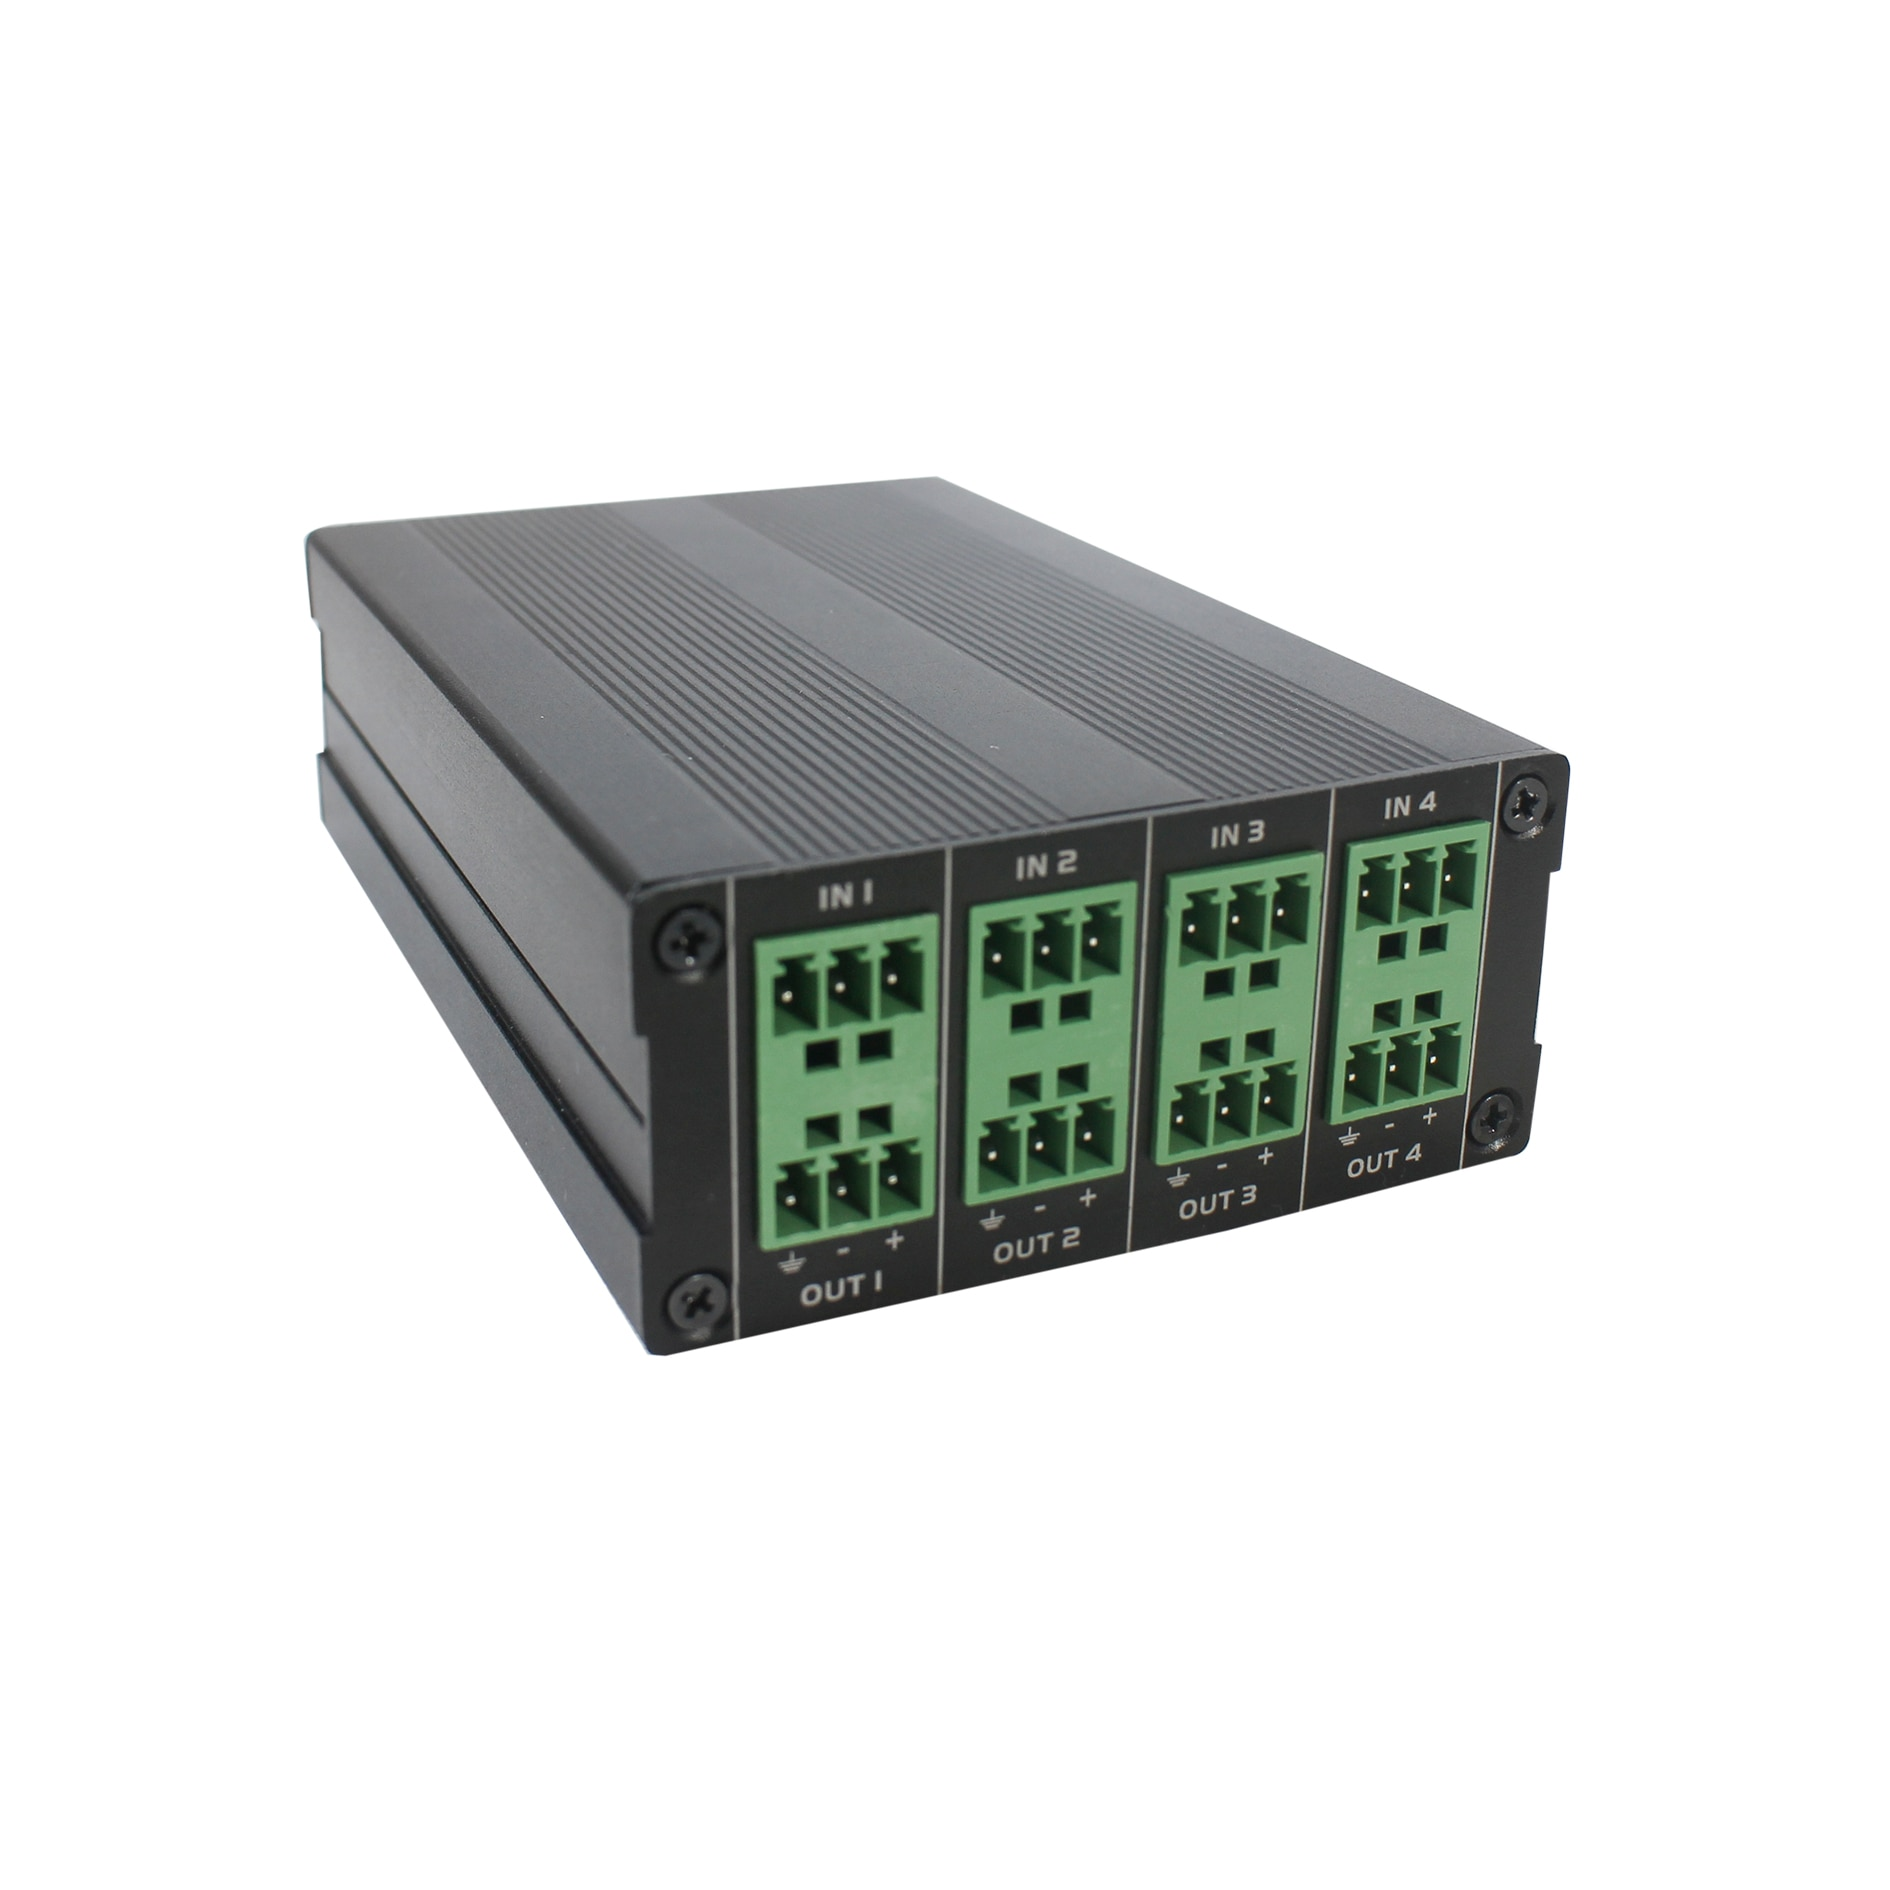 جهاز إرسال سمعي صغير برو 4 في 4 خارج شبكة IP Dante/محول مع 2 ميكروفون متوازن/AUX ، دعم 12VDC أو PoE امدادات الطاقة